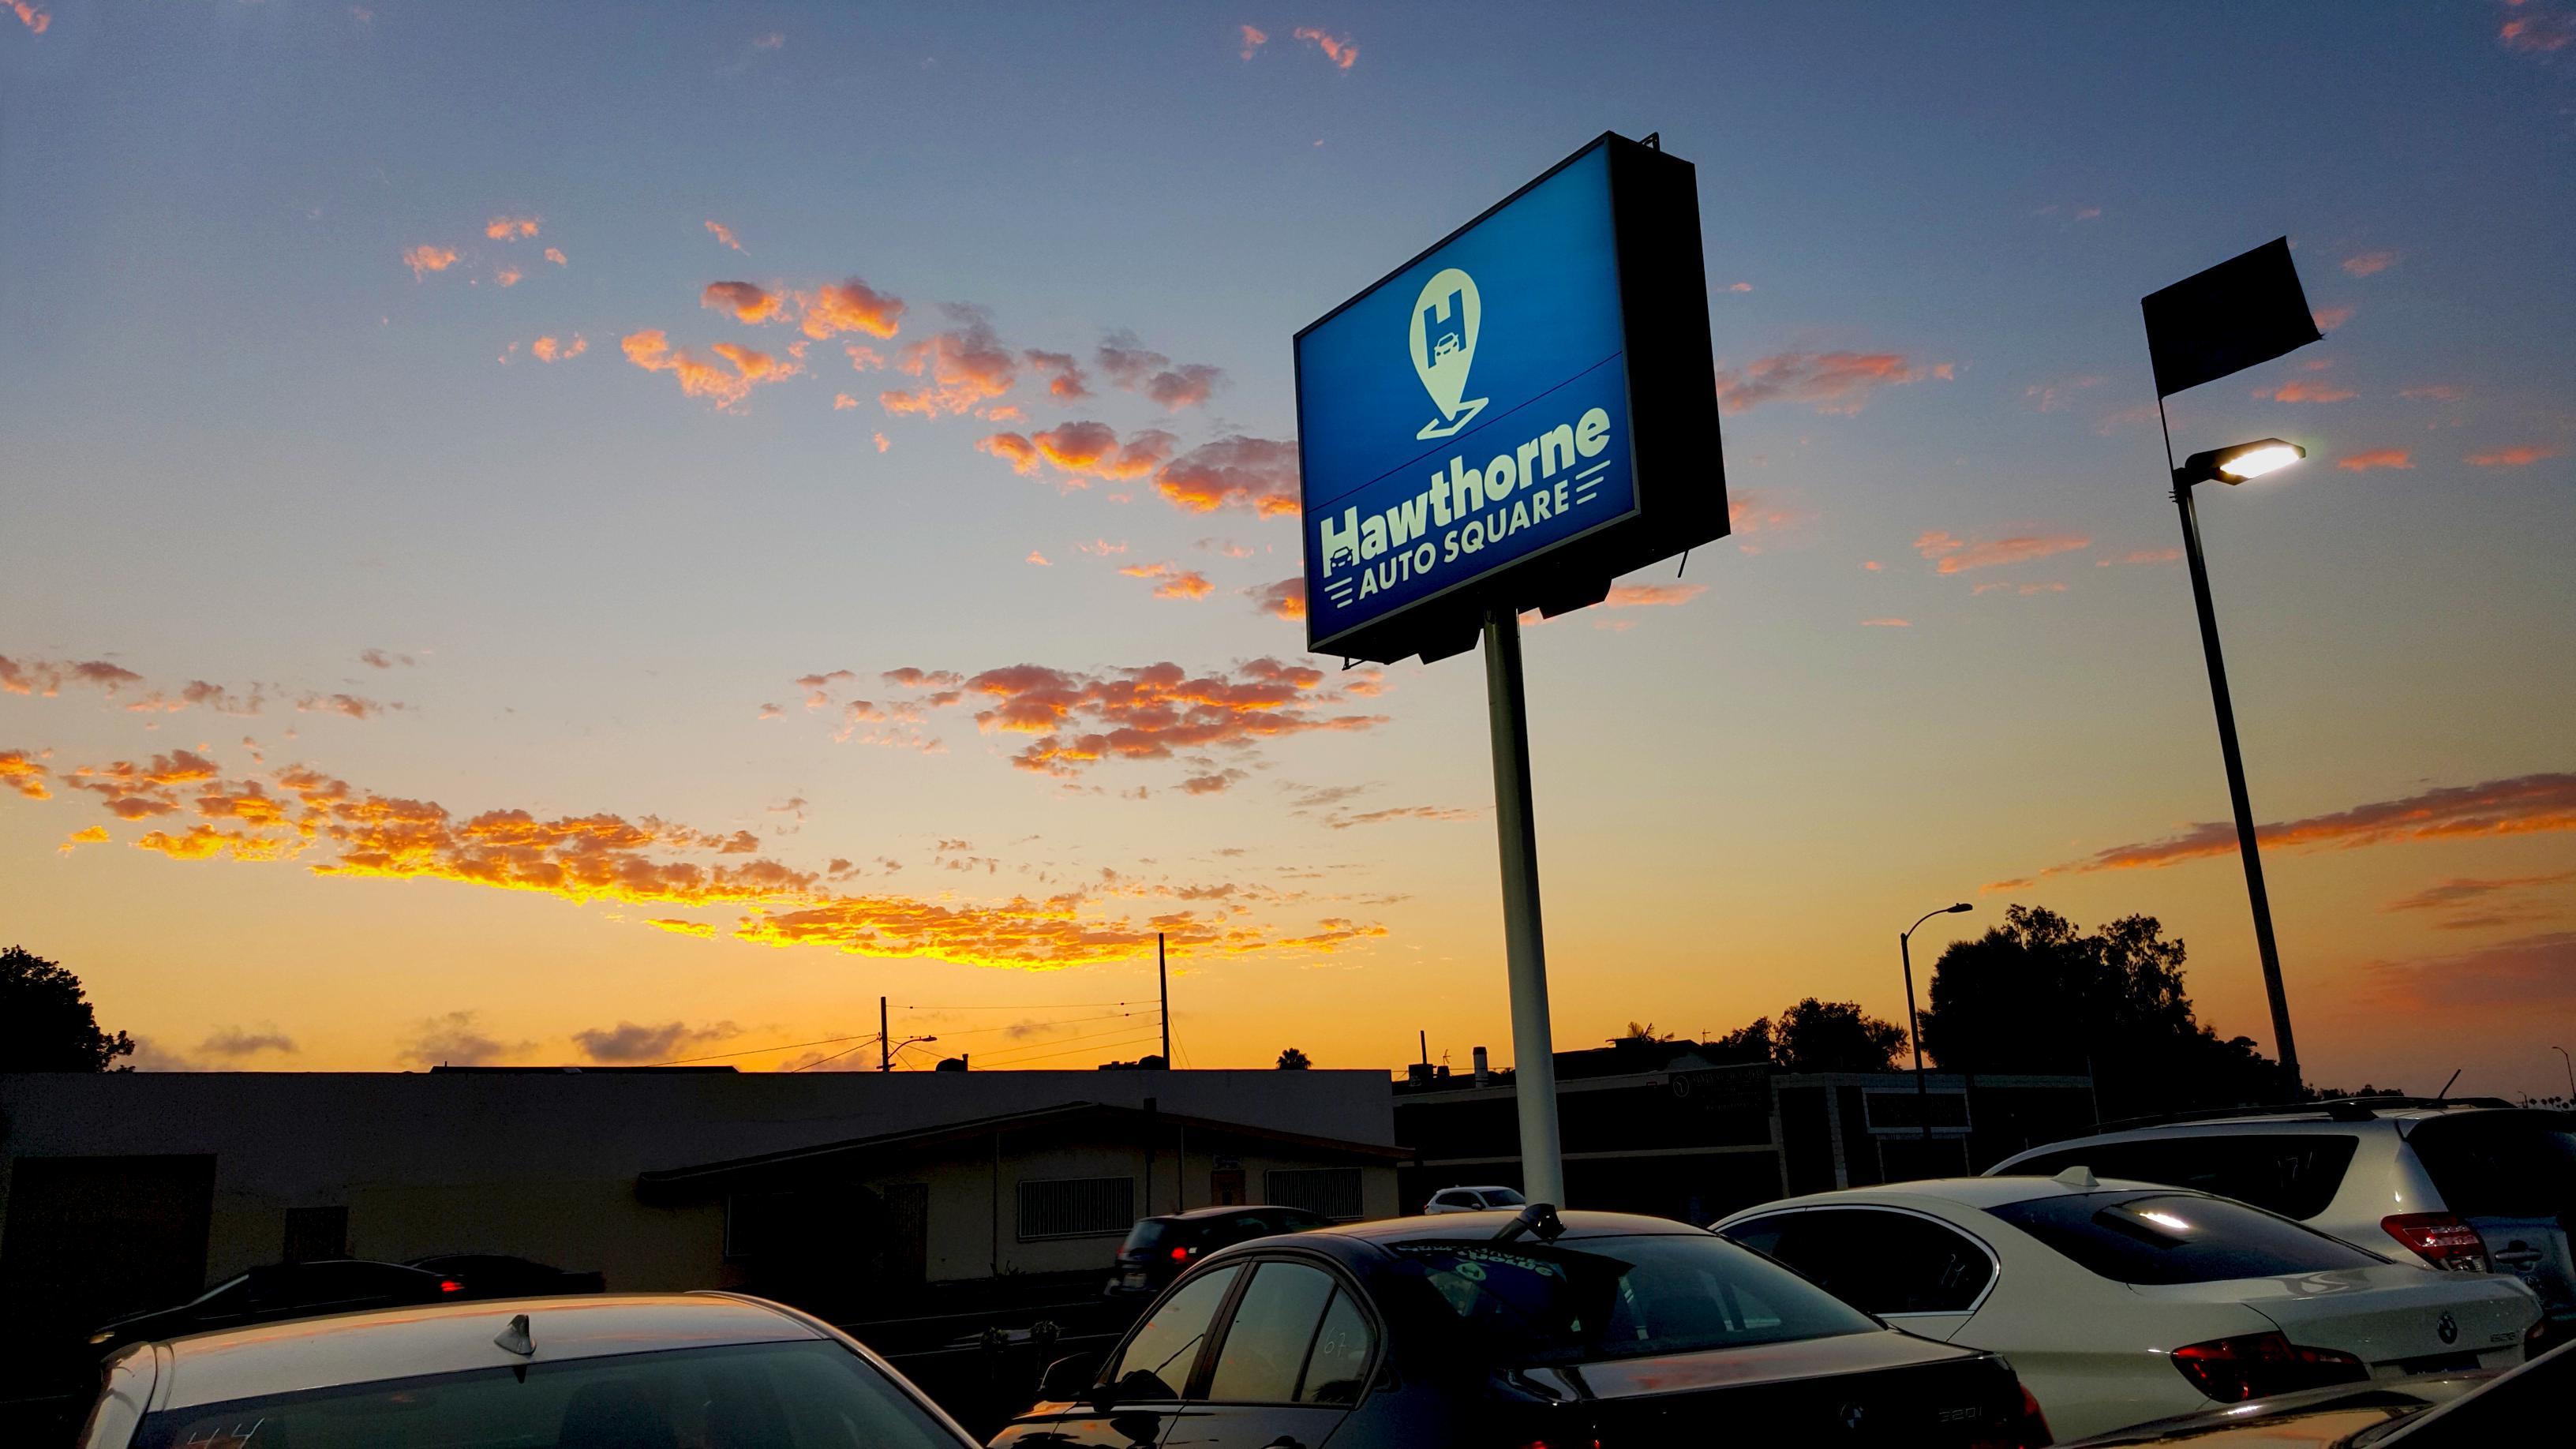 Hawthorne Auto Square Sign